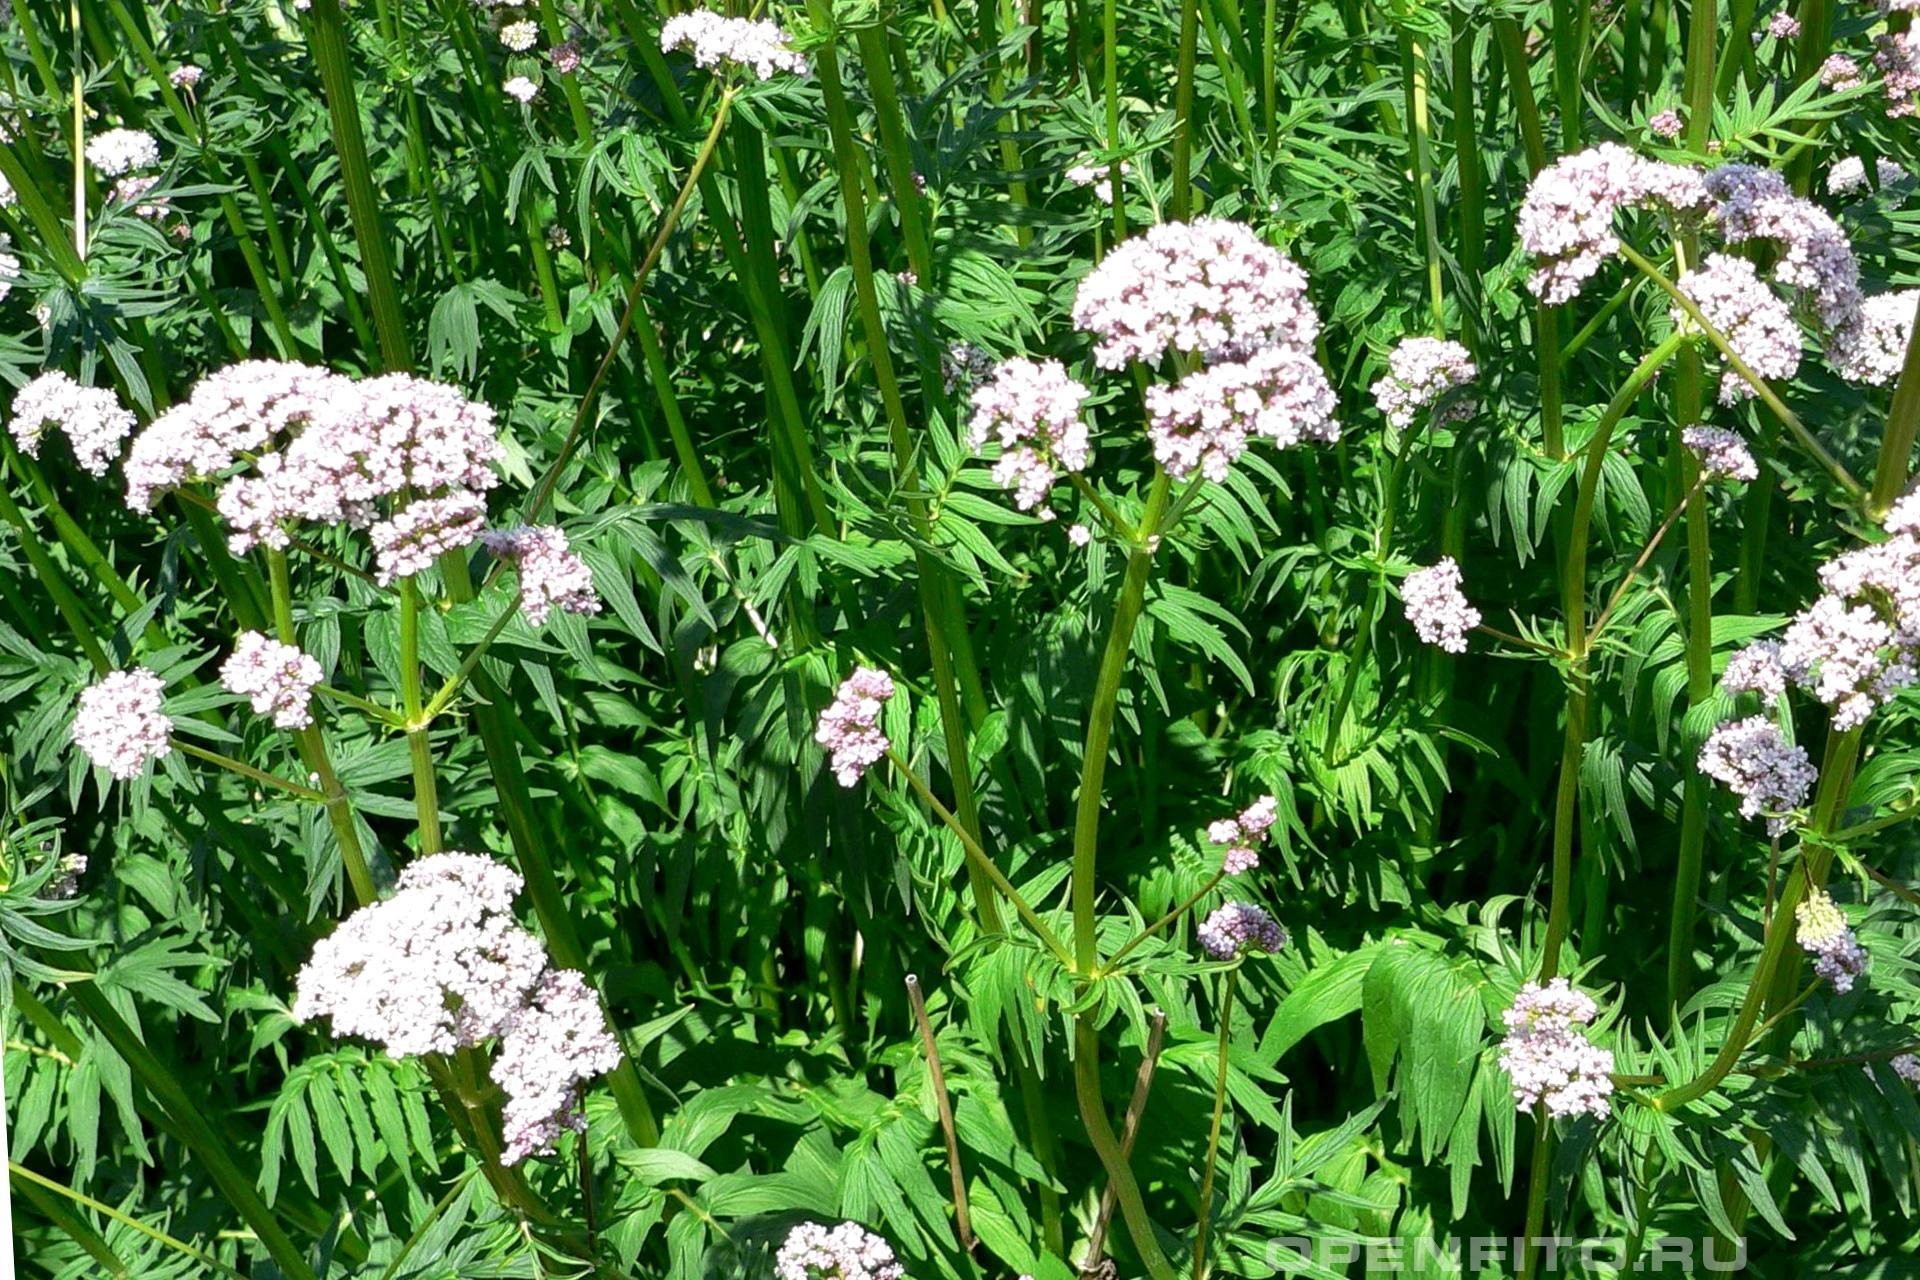 Валериана лекарственная <p>Грядка с валерианой в саду</p>